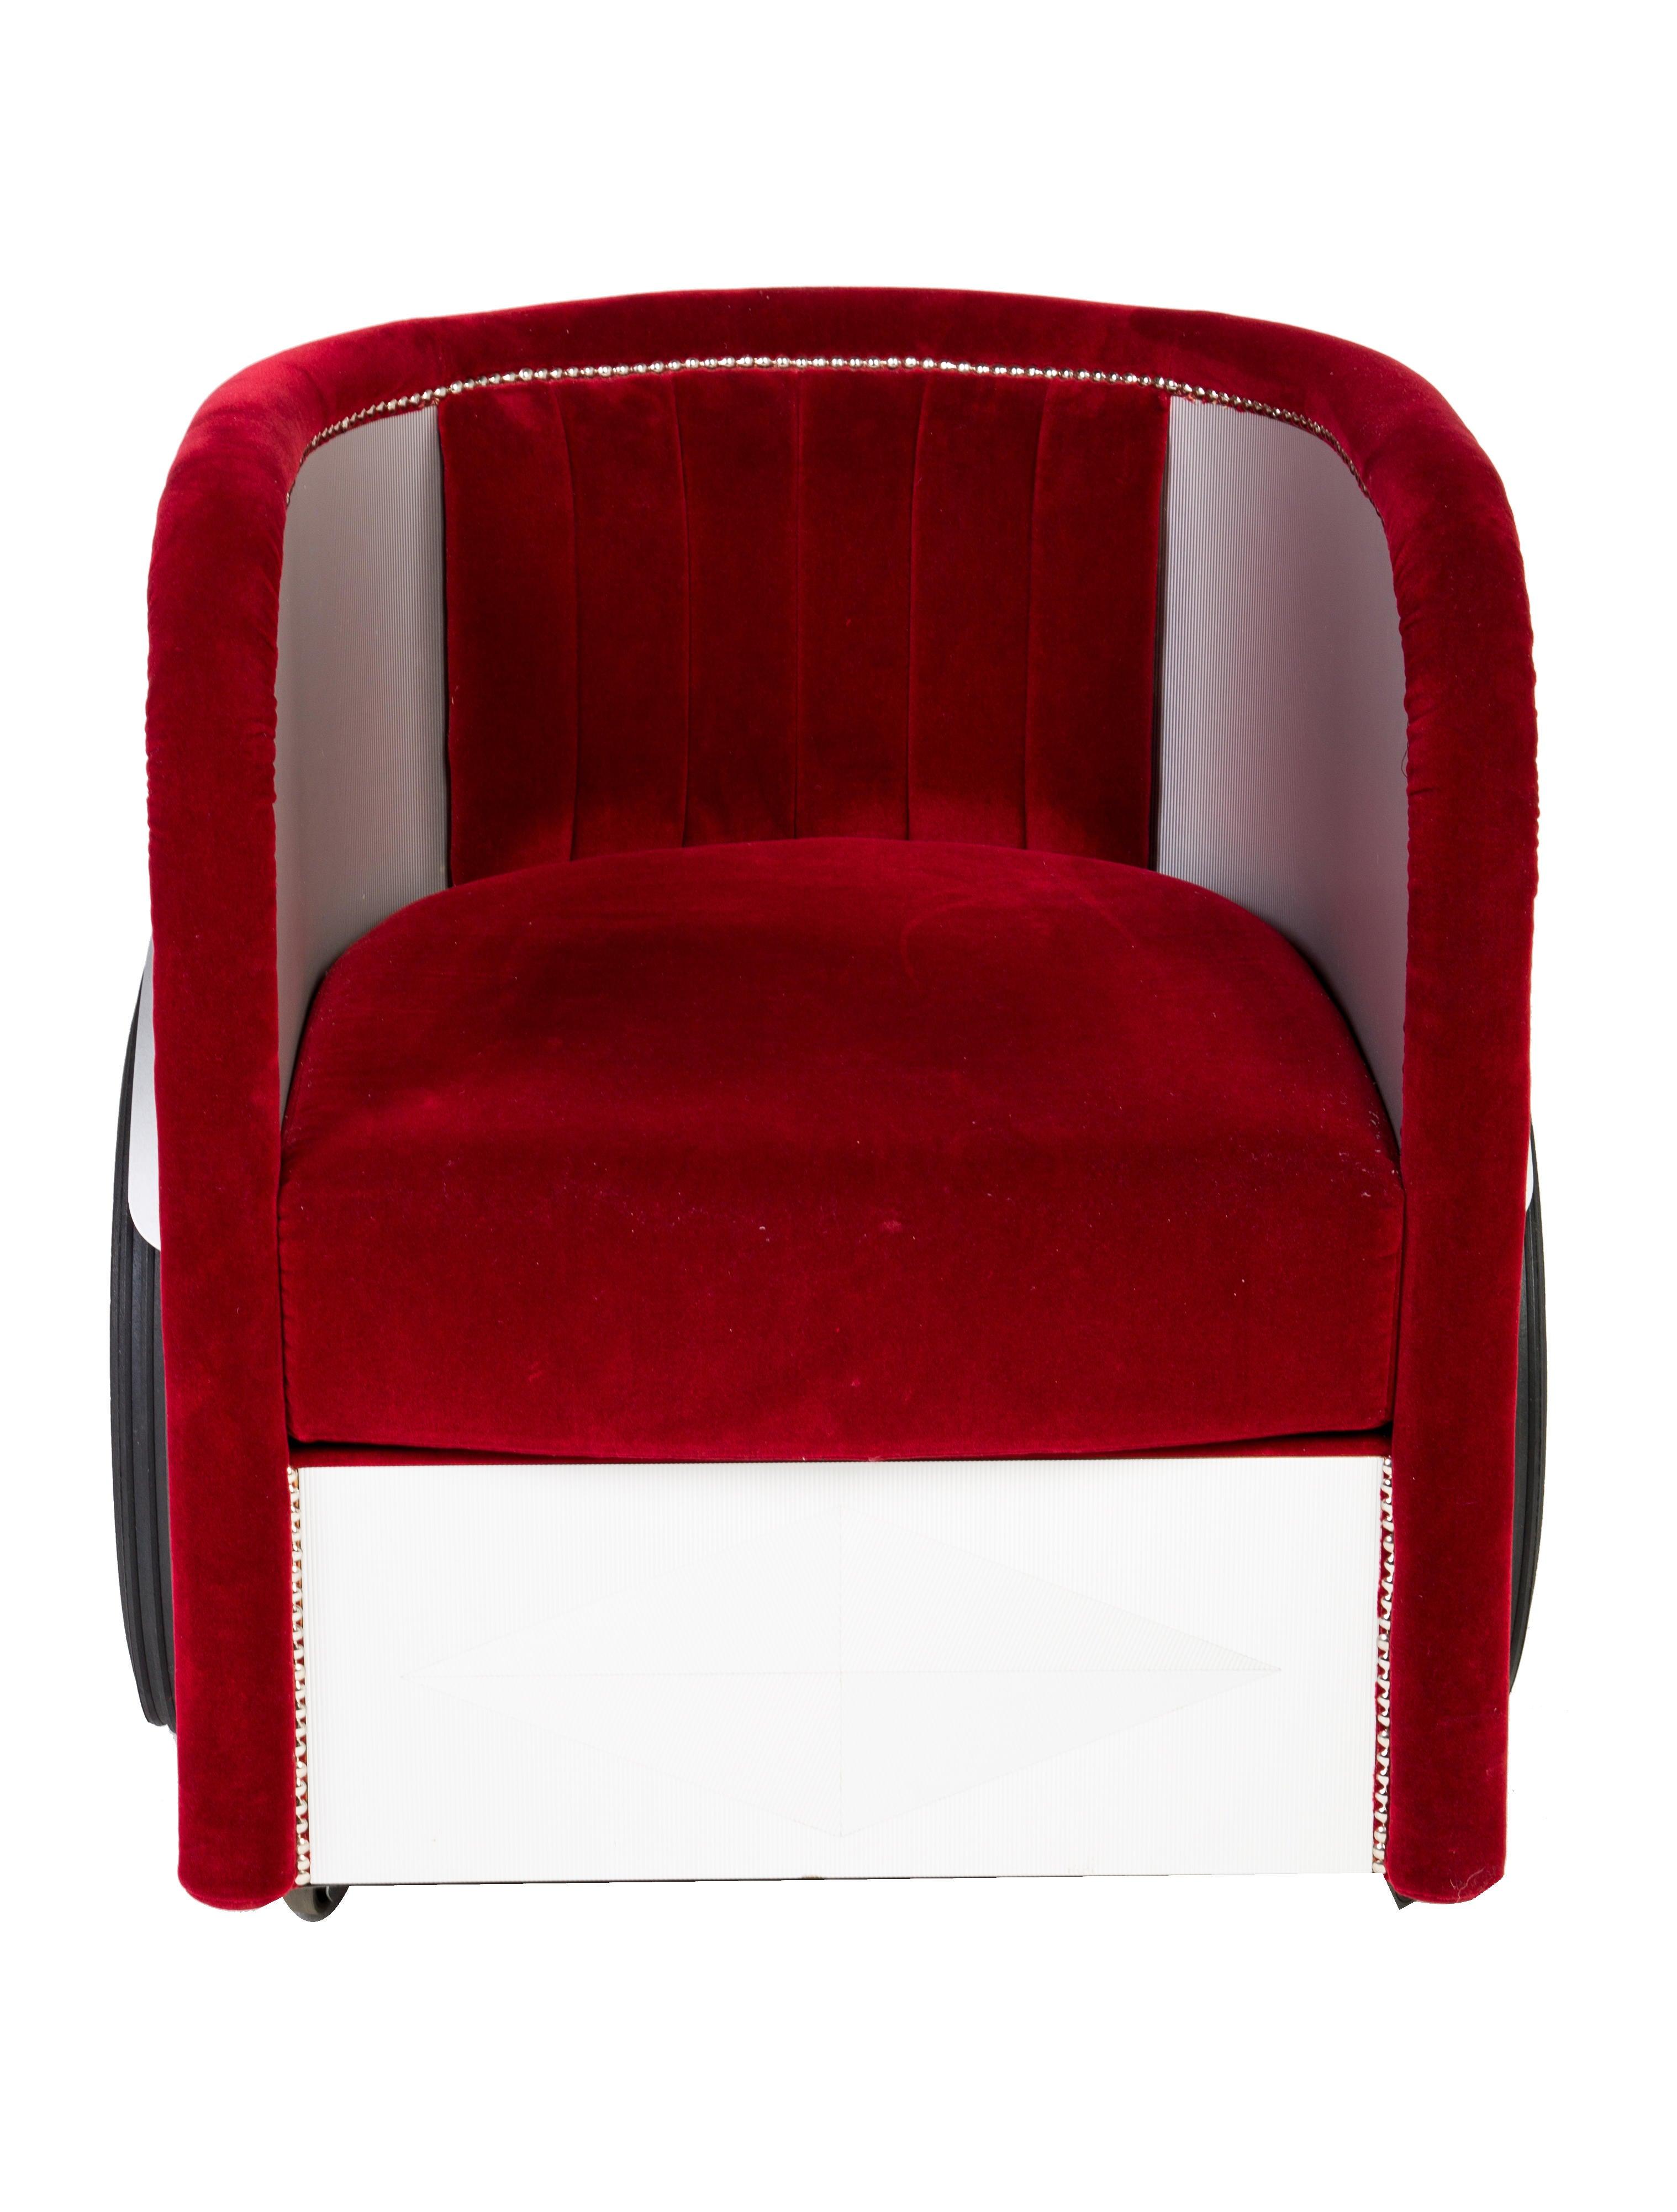 Roche Bobois Ben Hur Armchair - Furniture - BOB20035